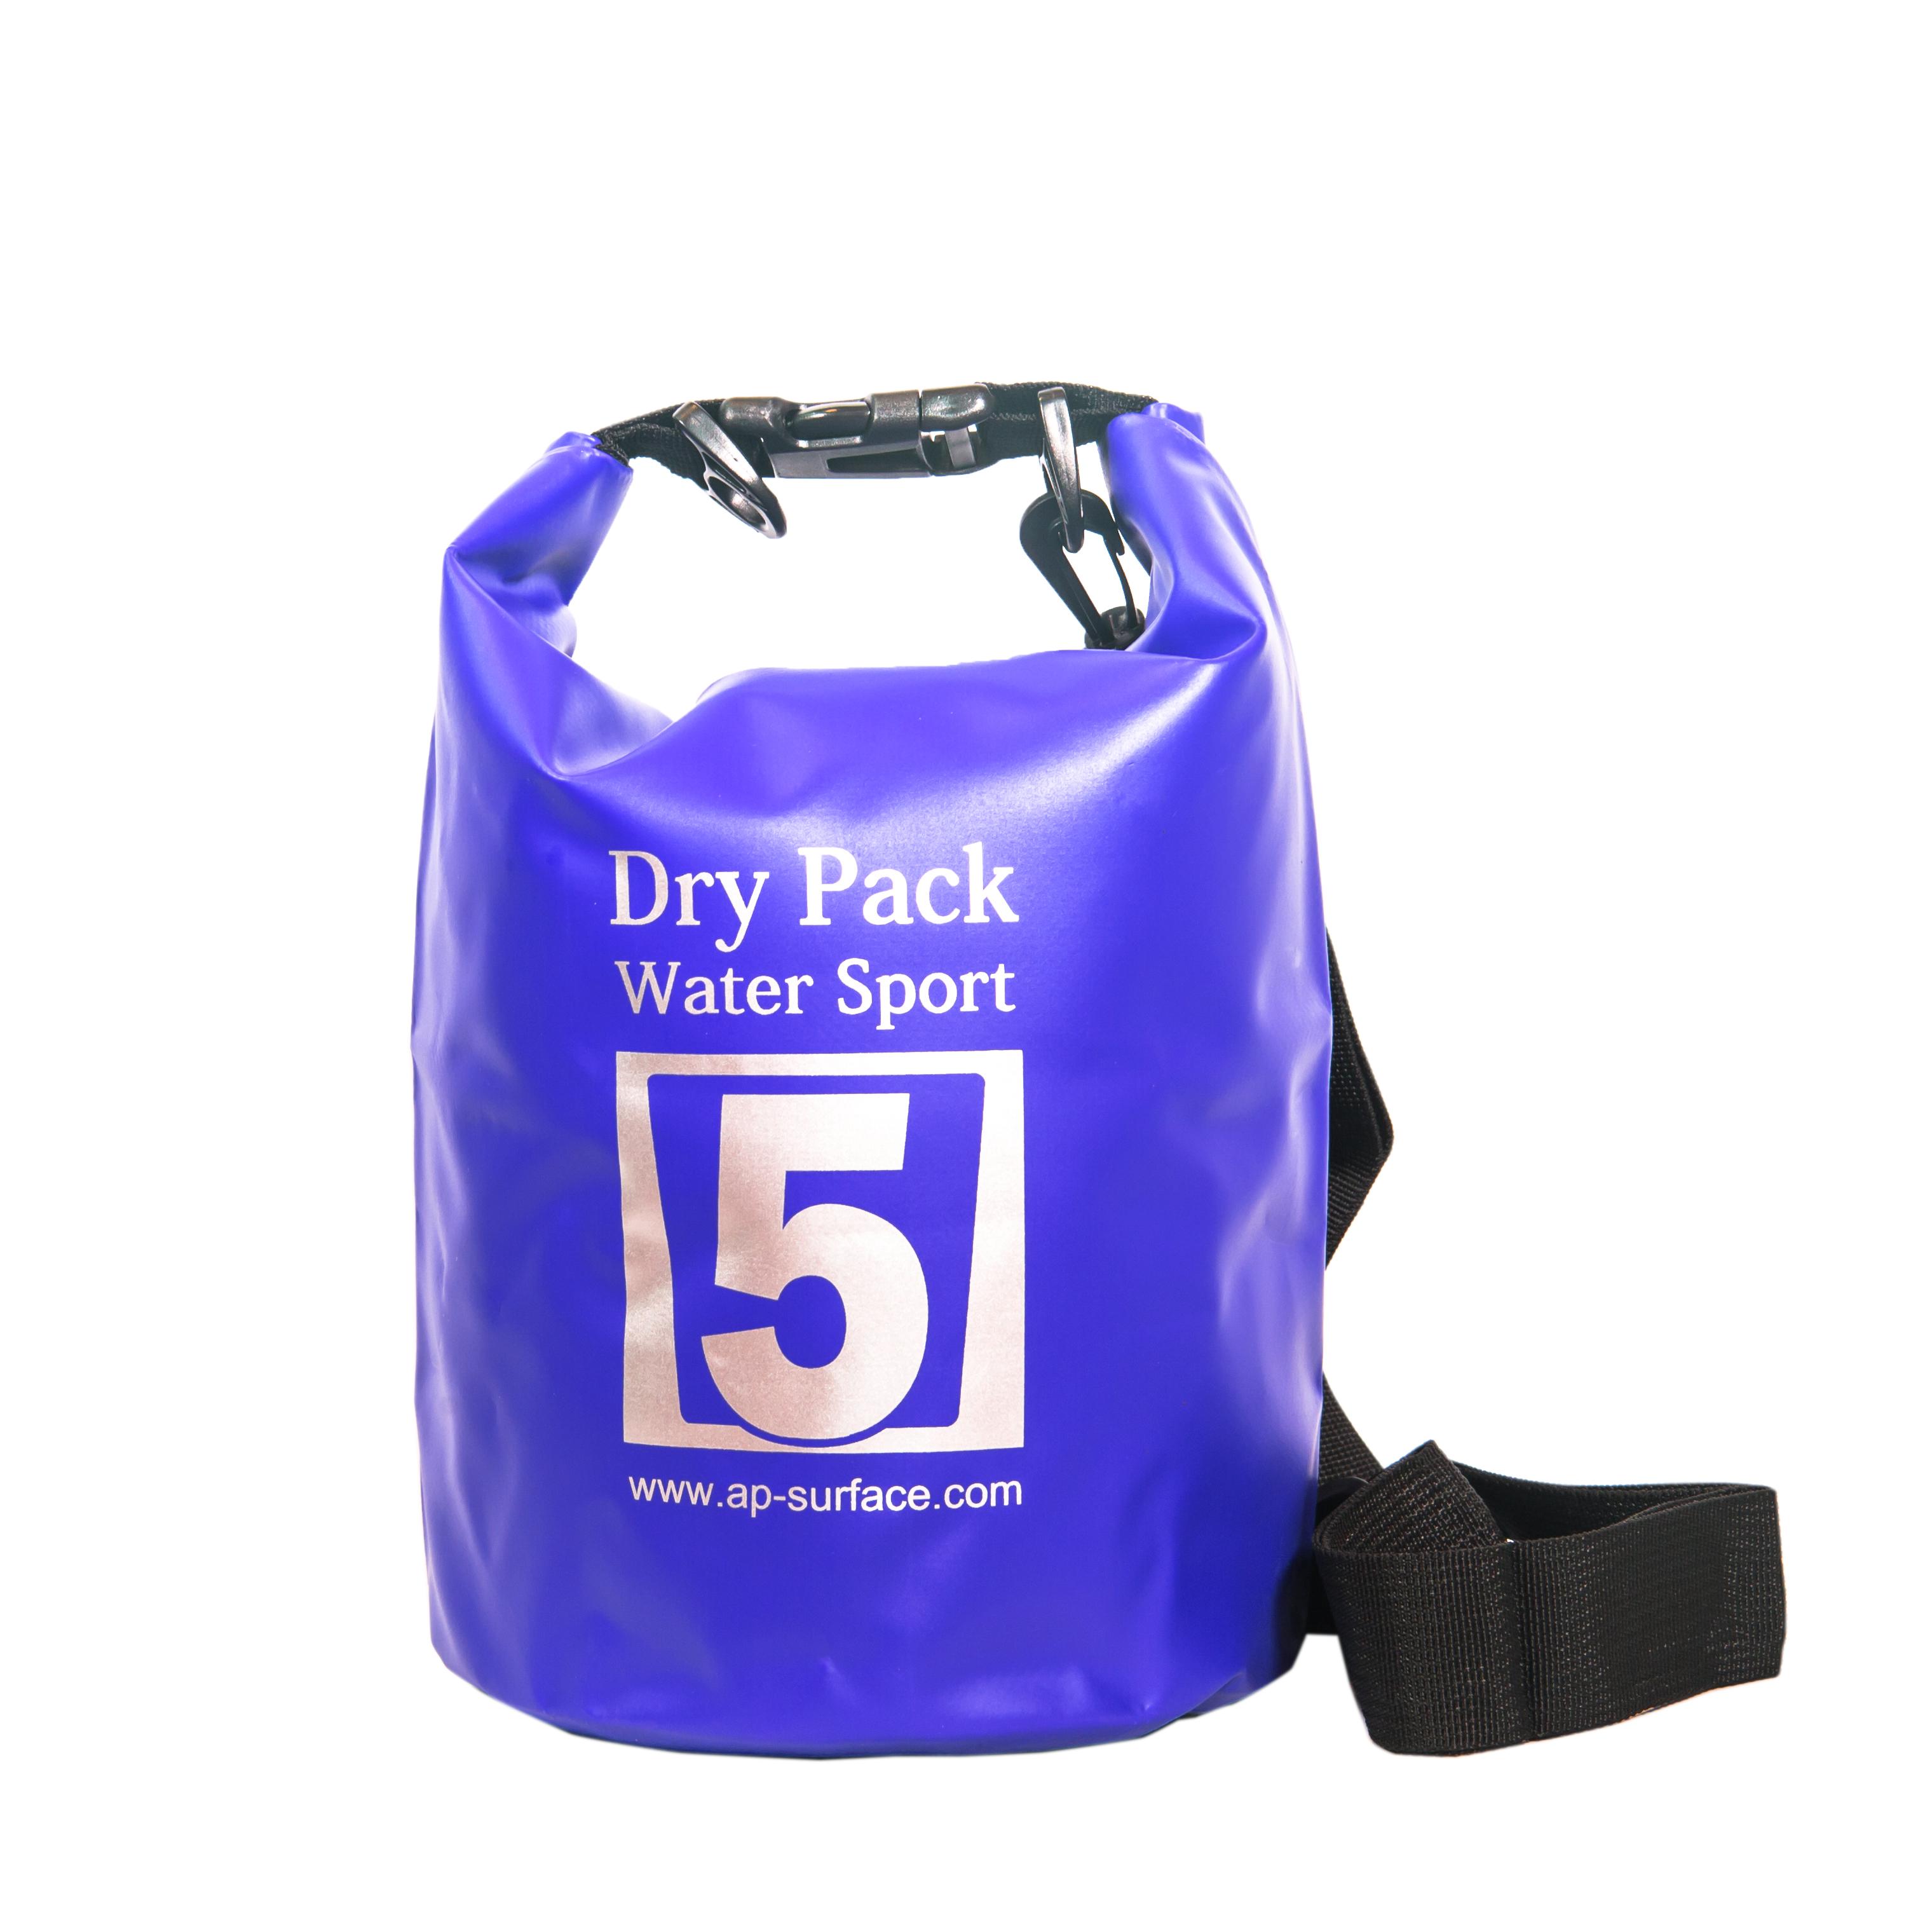 กระเป๋ากันน้ำ Dry pack 5L-สีน้ำเงิน